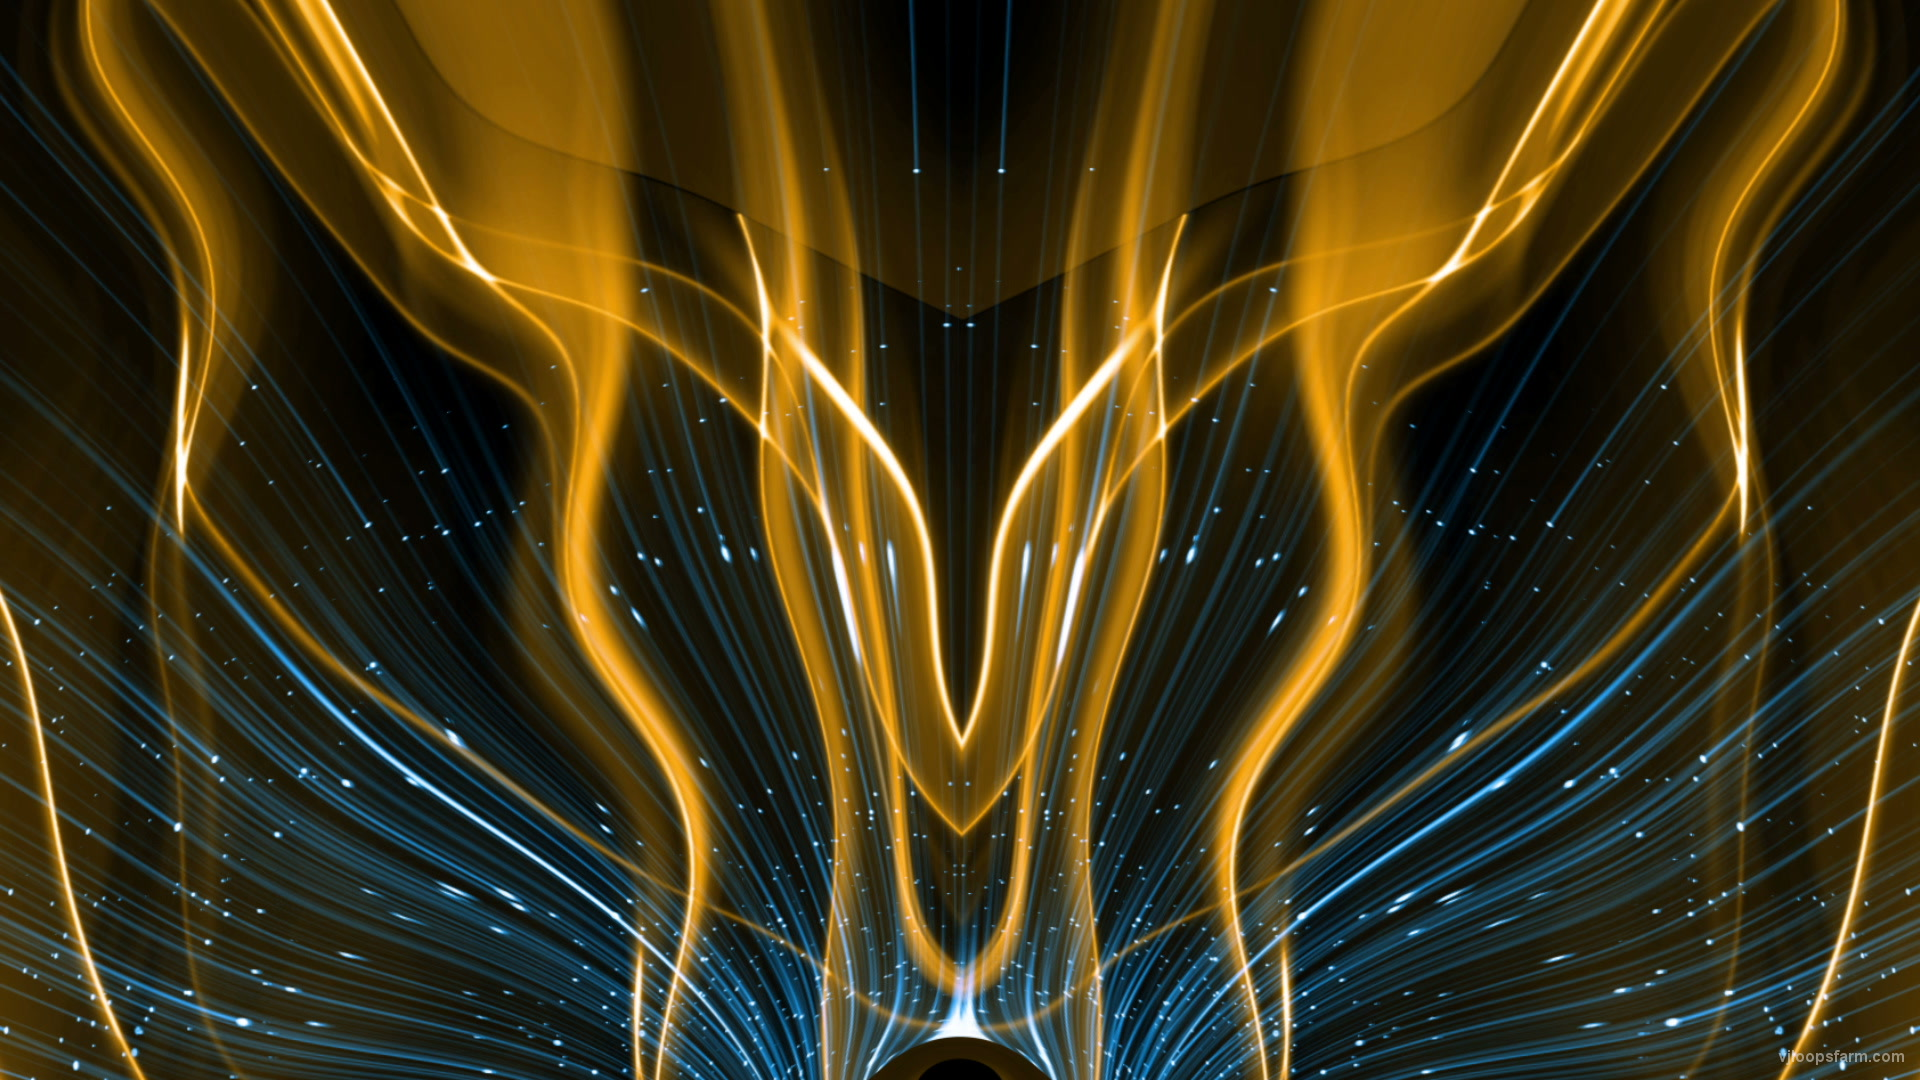 vj video background New-Dance_1920x1080_25fps_VJLoop_LIMEART_003